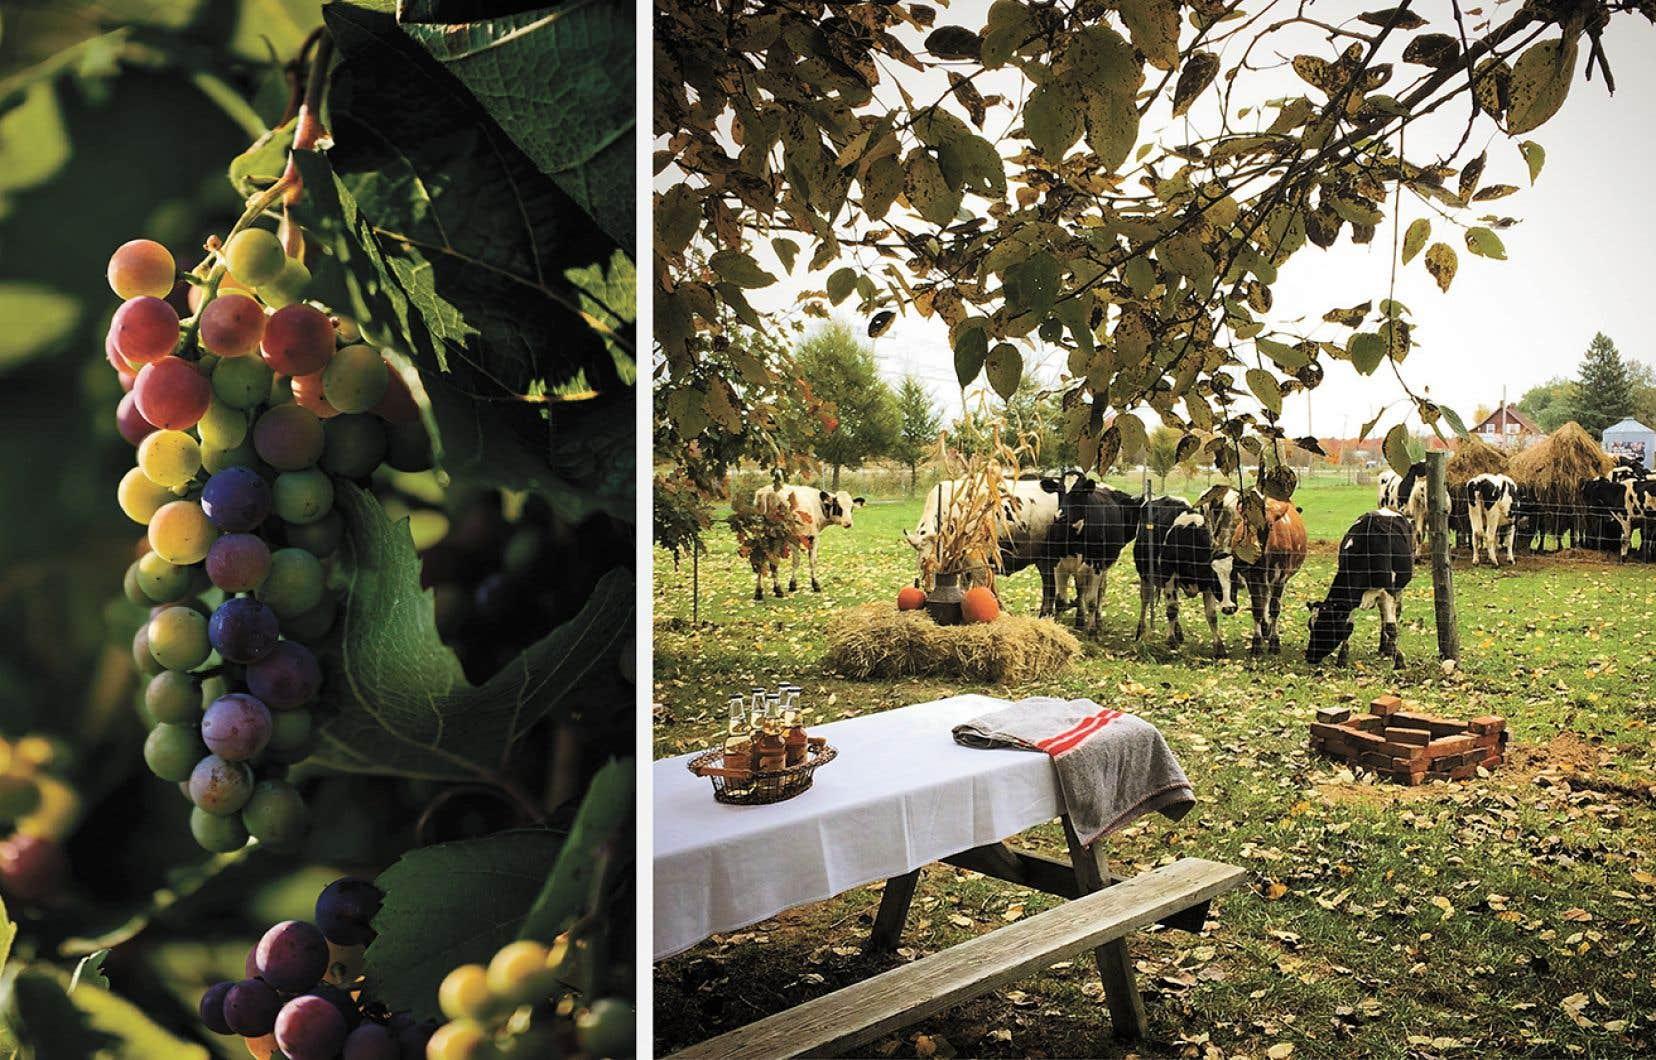 Une escapade d'automne est l'occasion parfaite de découvrir les innombrables produits du terroir qui poussent et s'affinent dans les campagnes québécoises depuis plusieurs années.